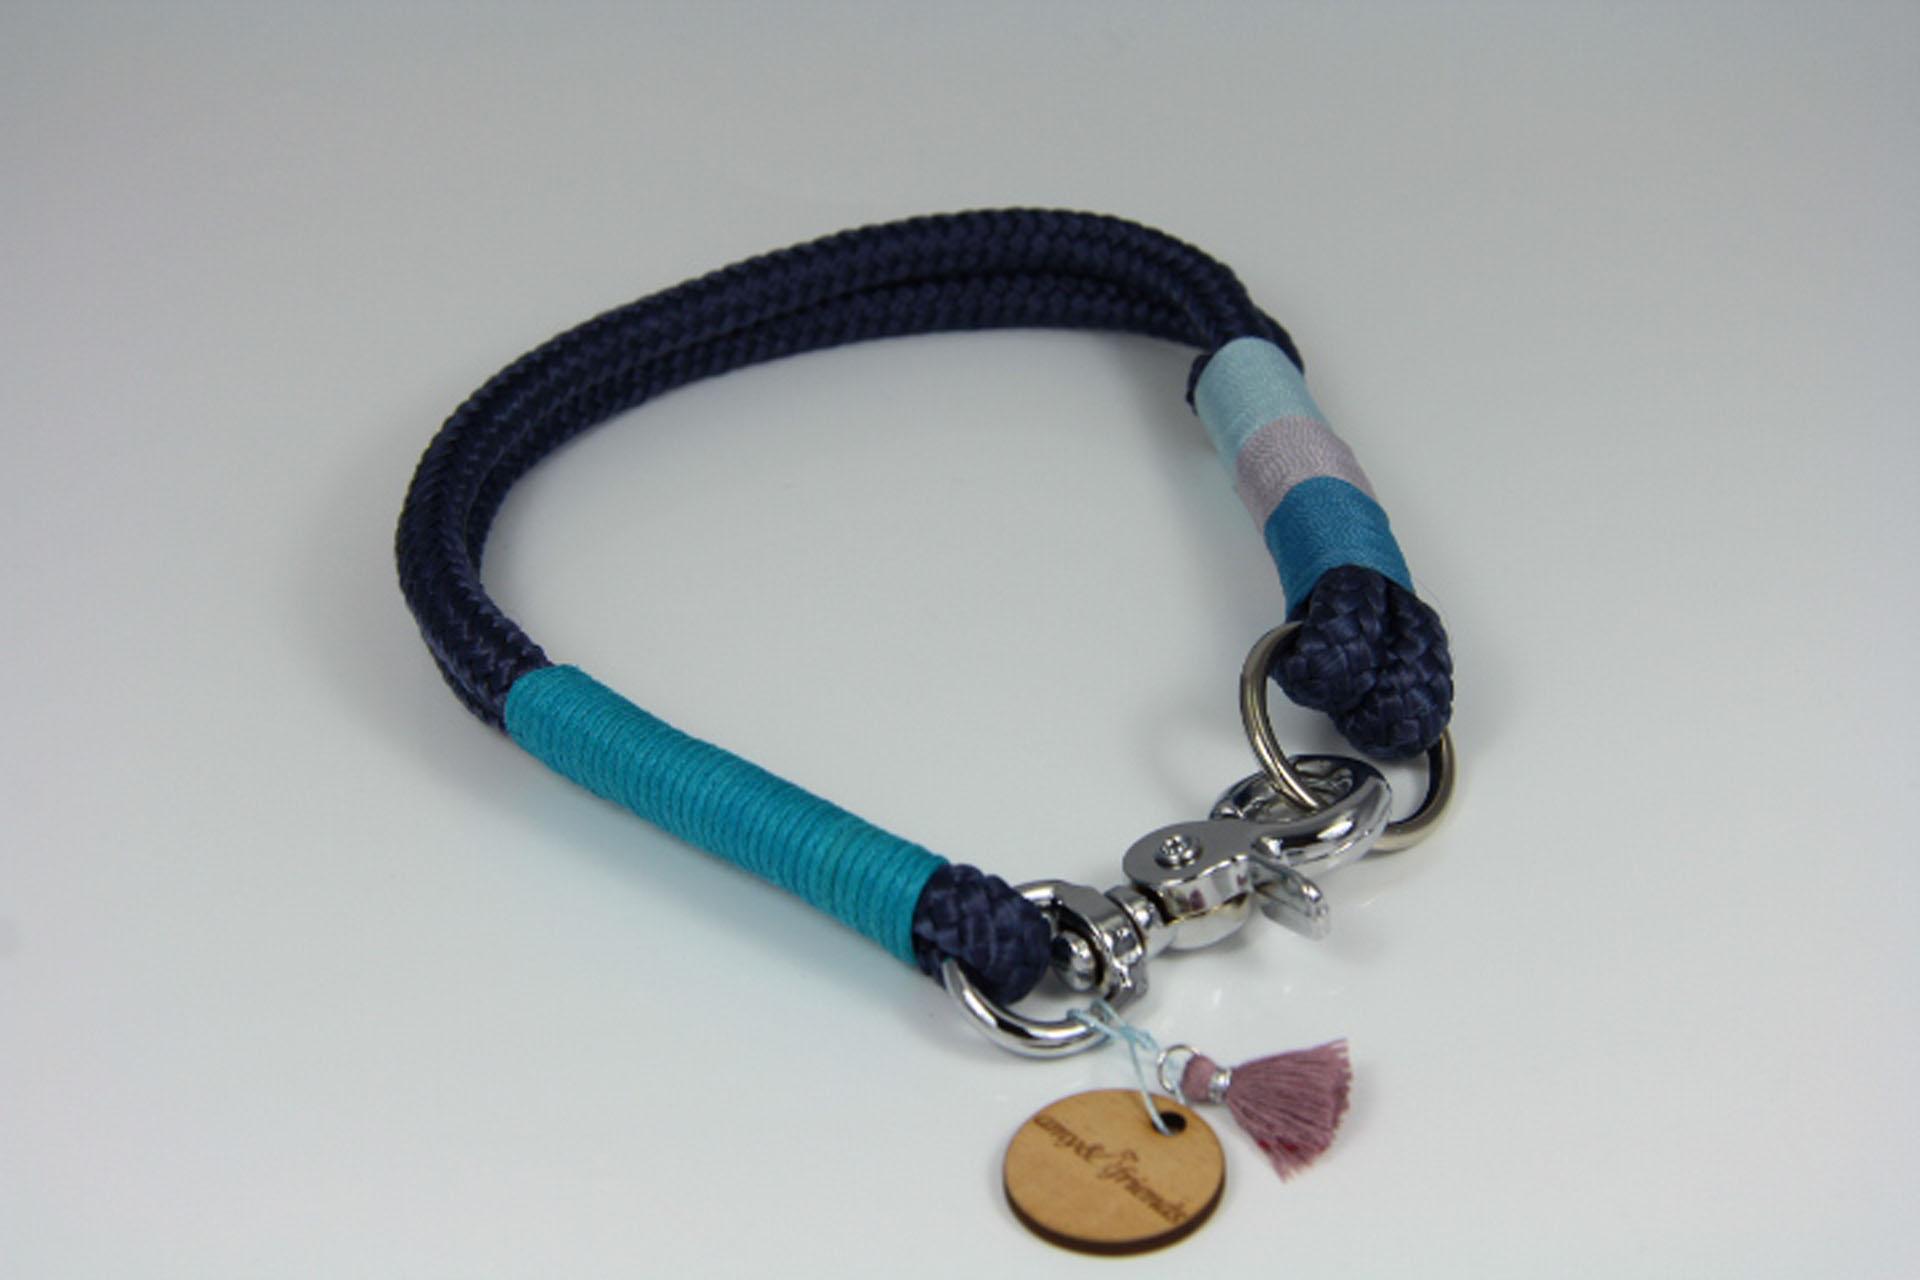 Tauhalsband-amy-and-friends-marineblau-hellgrau-hellblau-türkis-blau